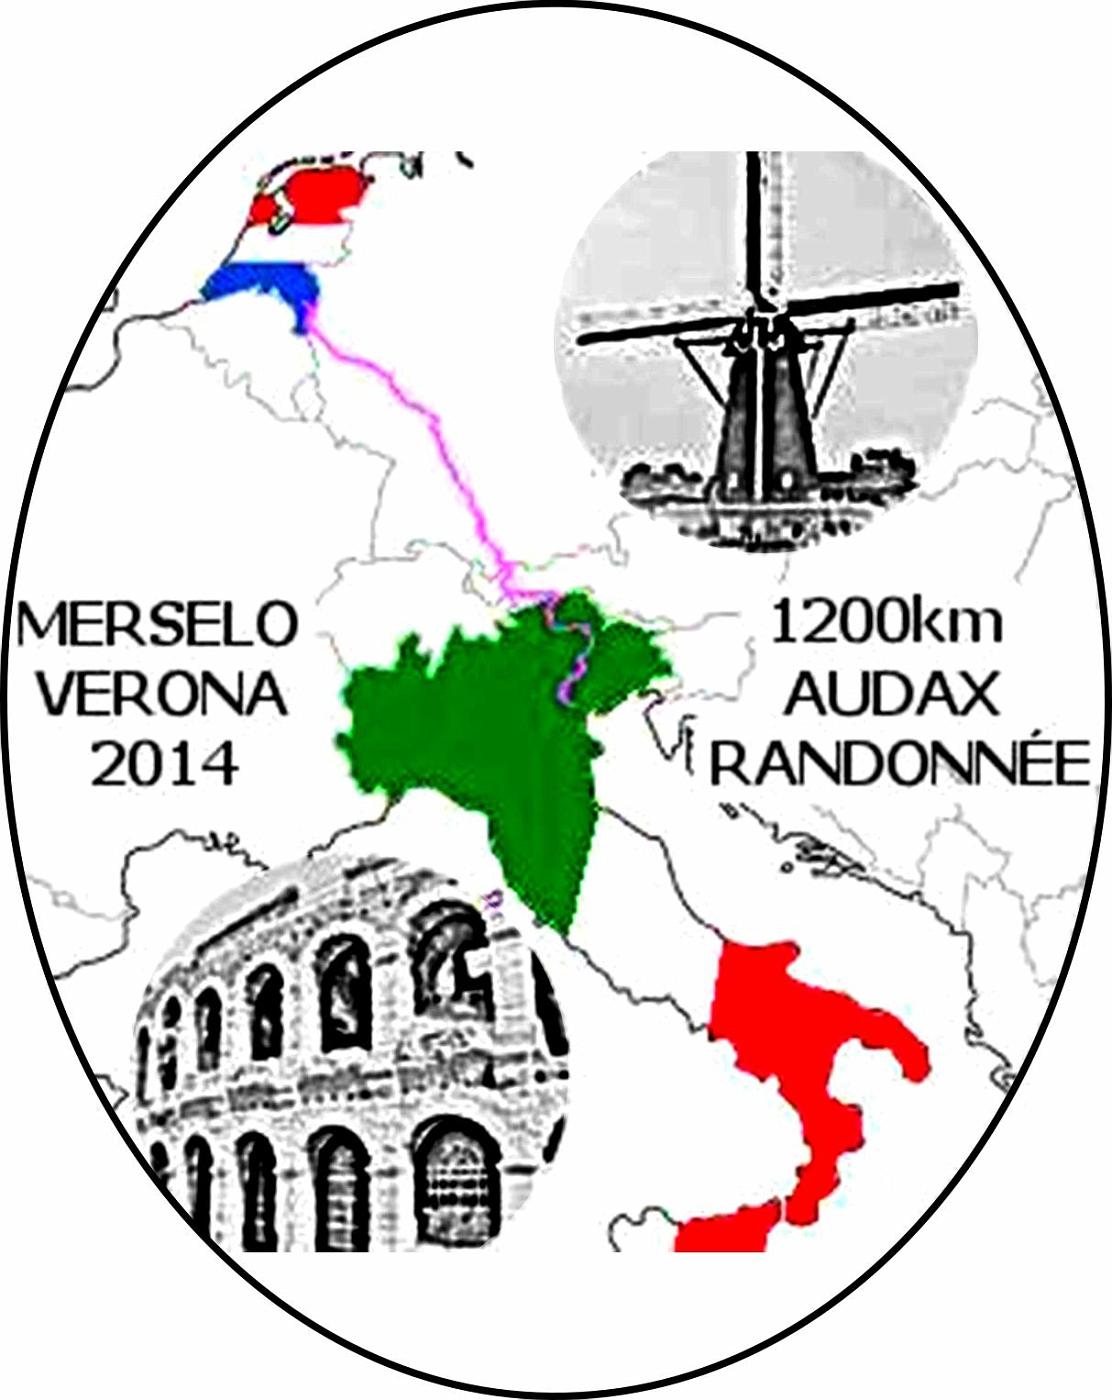 Logo Merselo-Verona